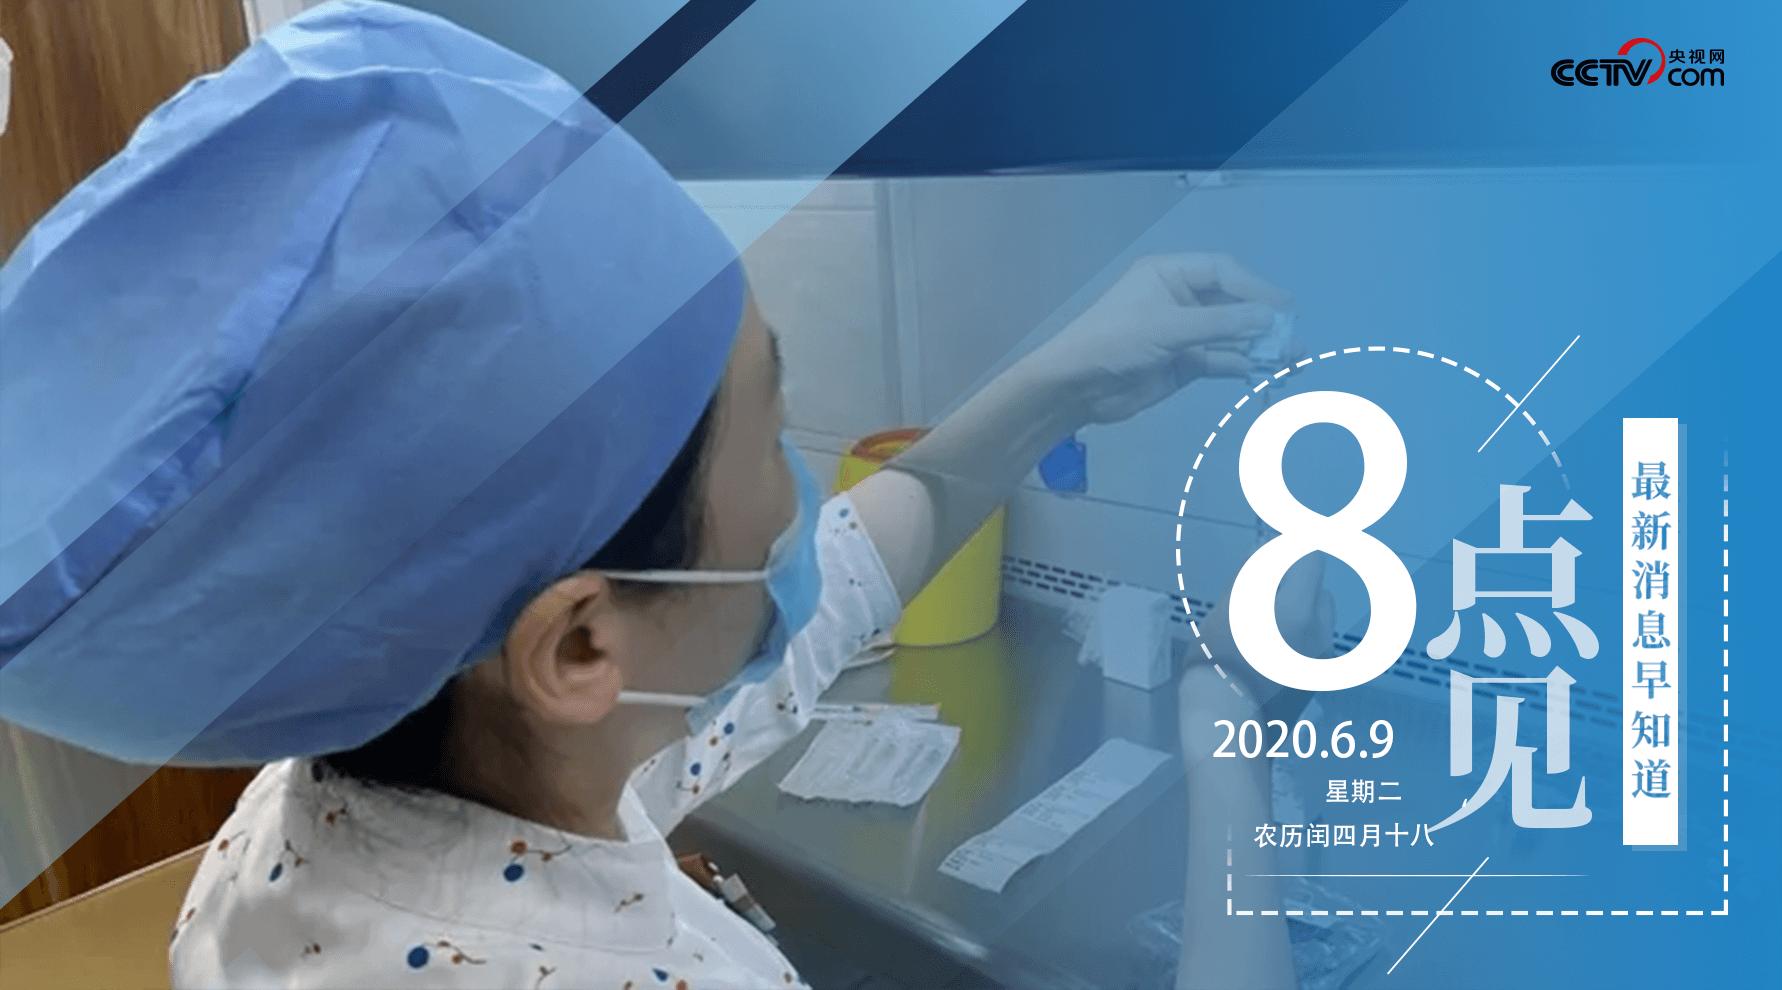 【8点见】全球首个!我国新冠病毒中和抗体进入临床试验阶段